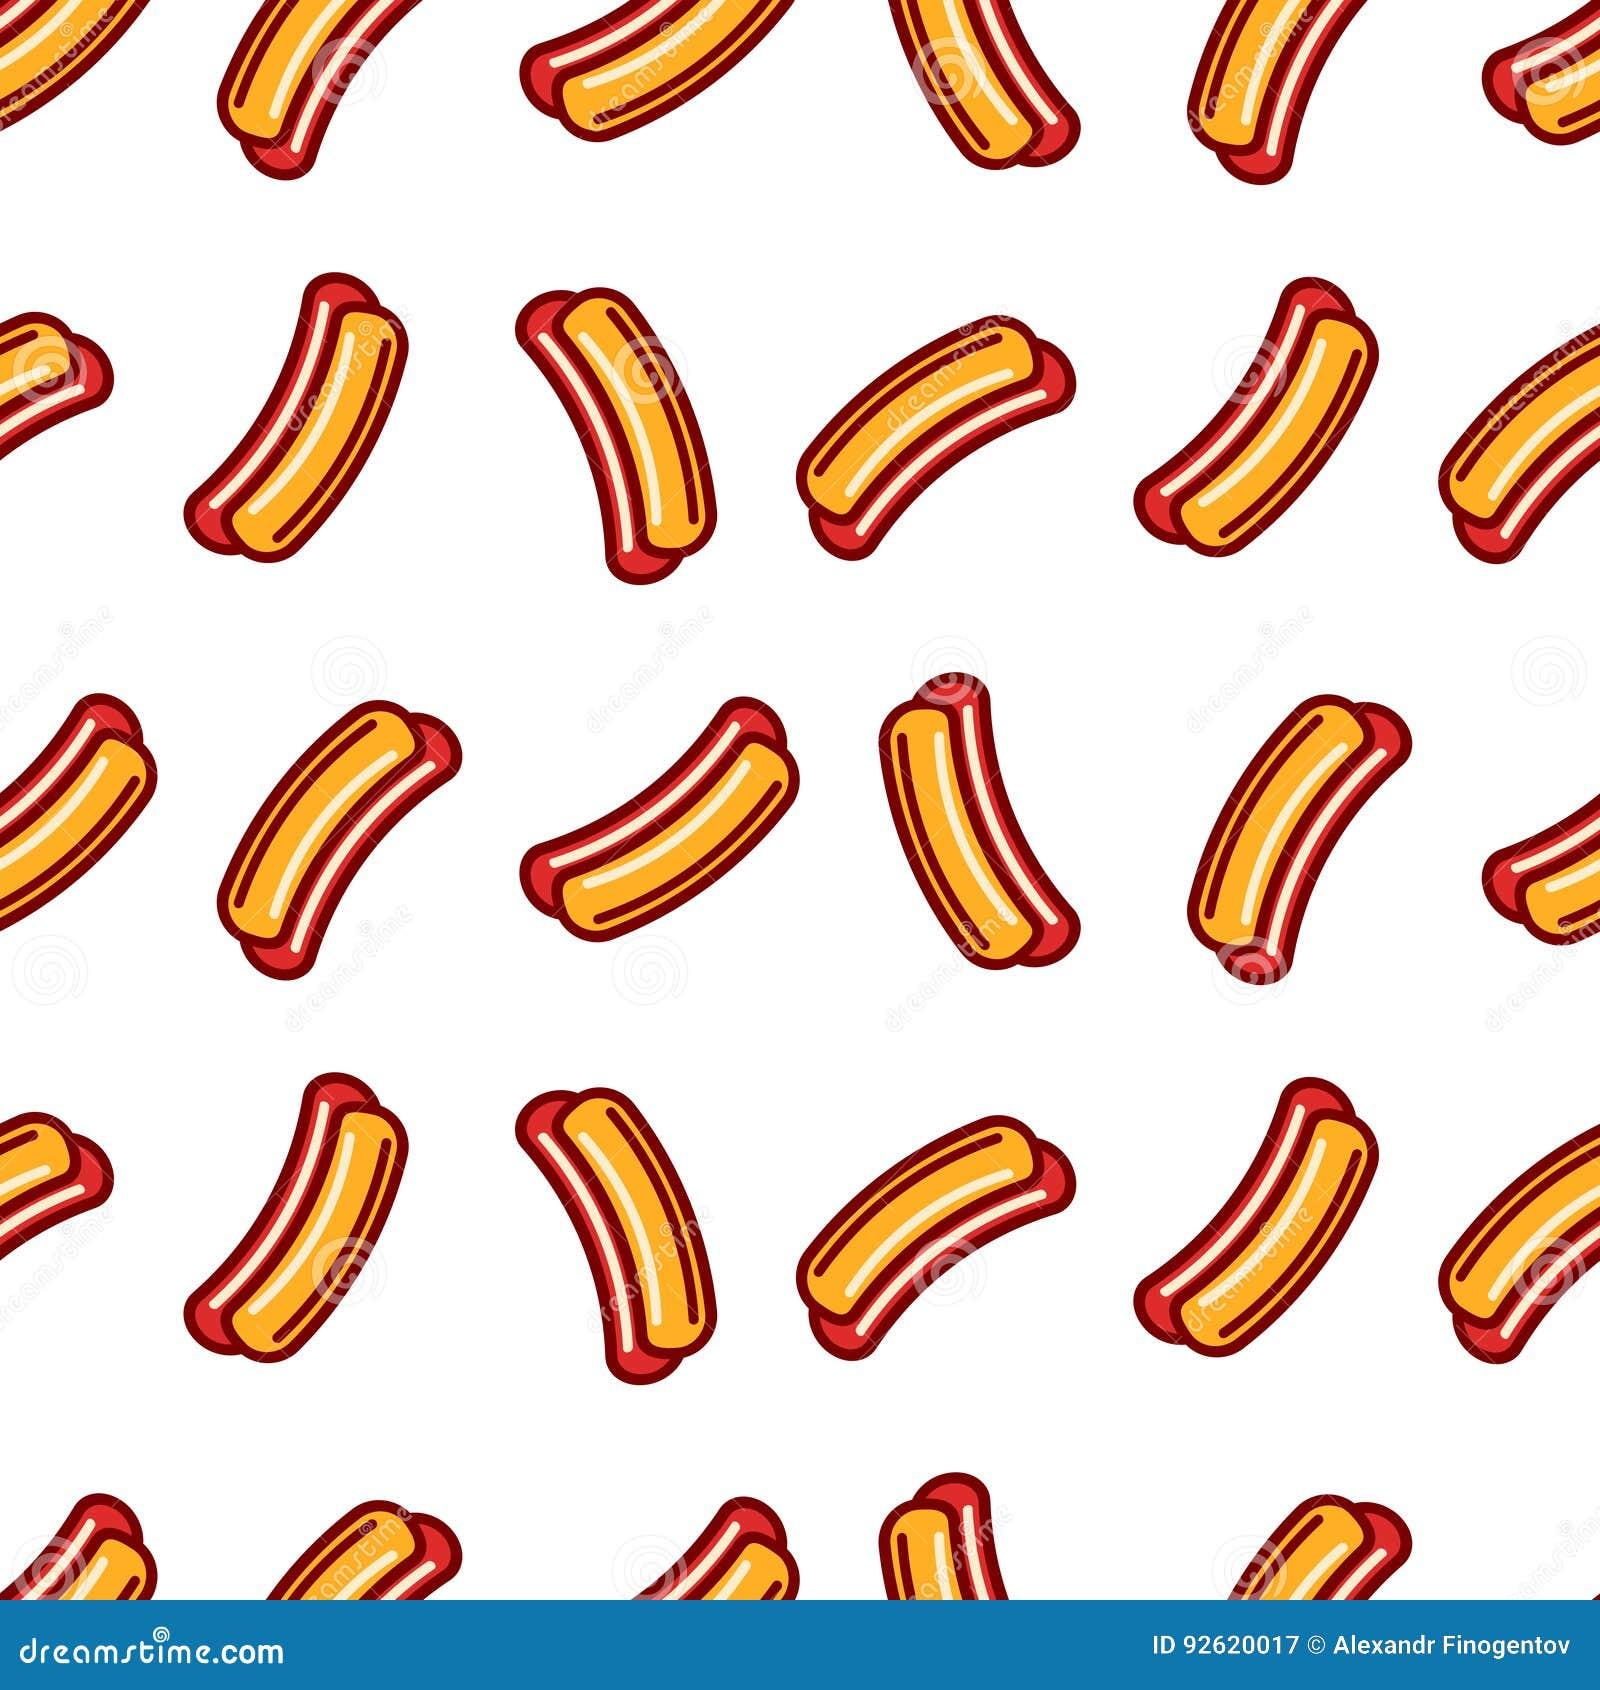 Hot Dog Flat Icon